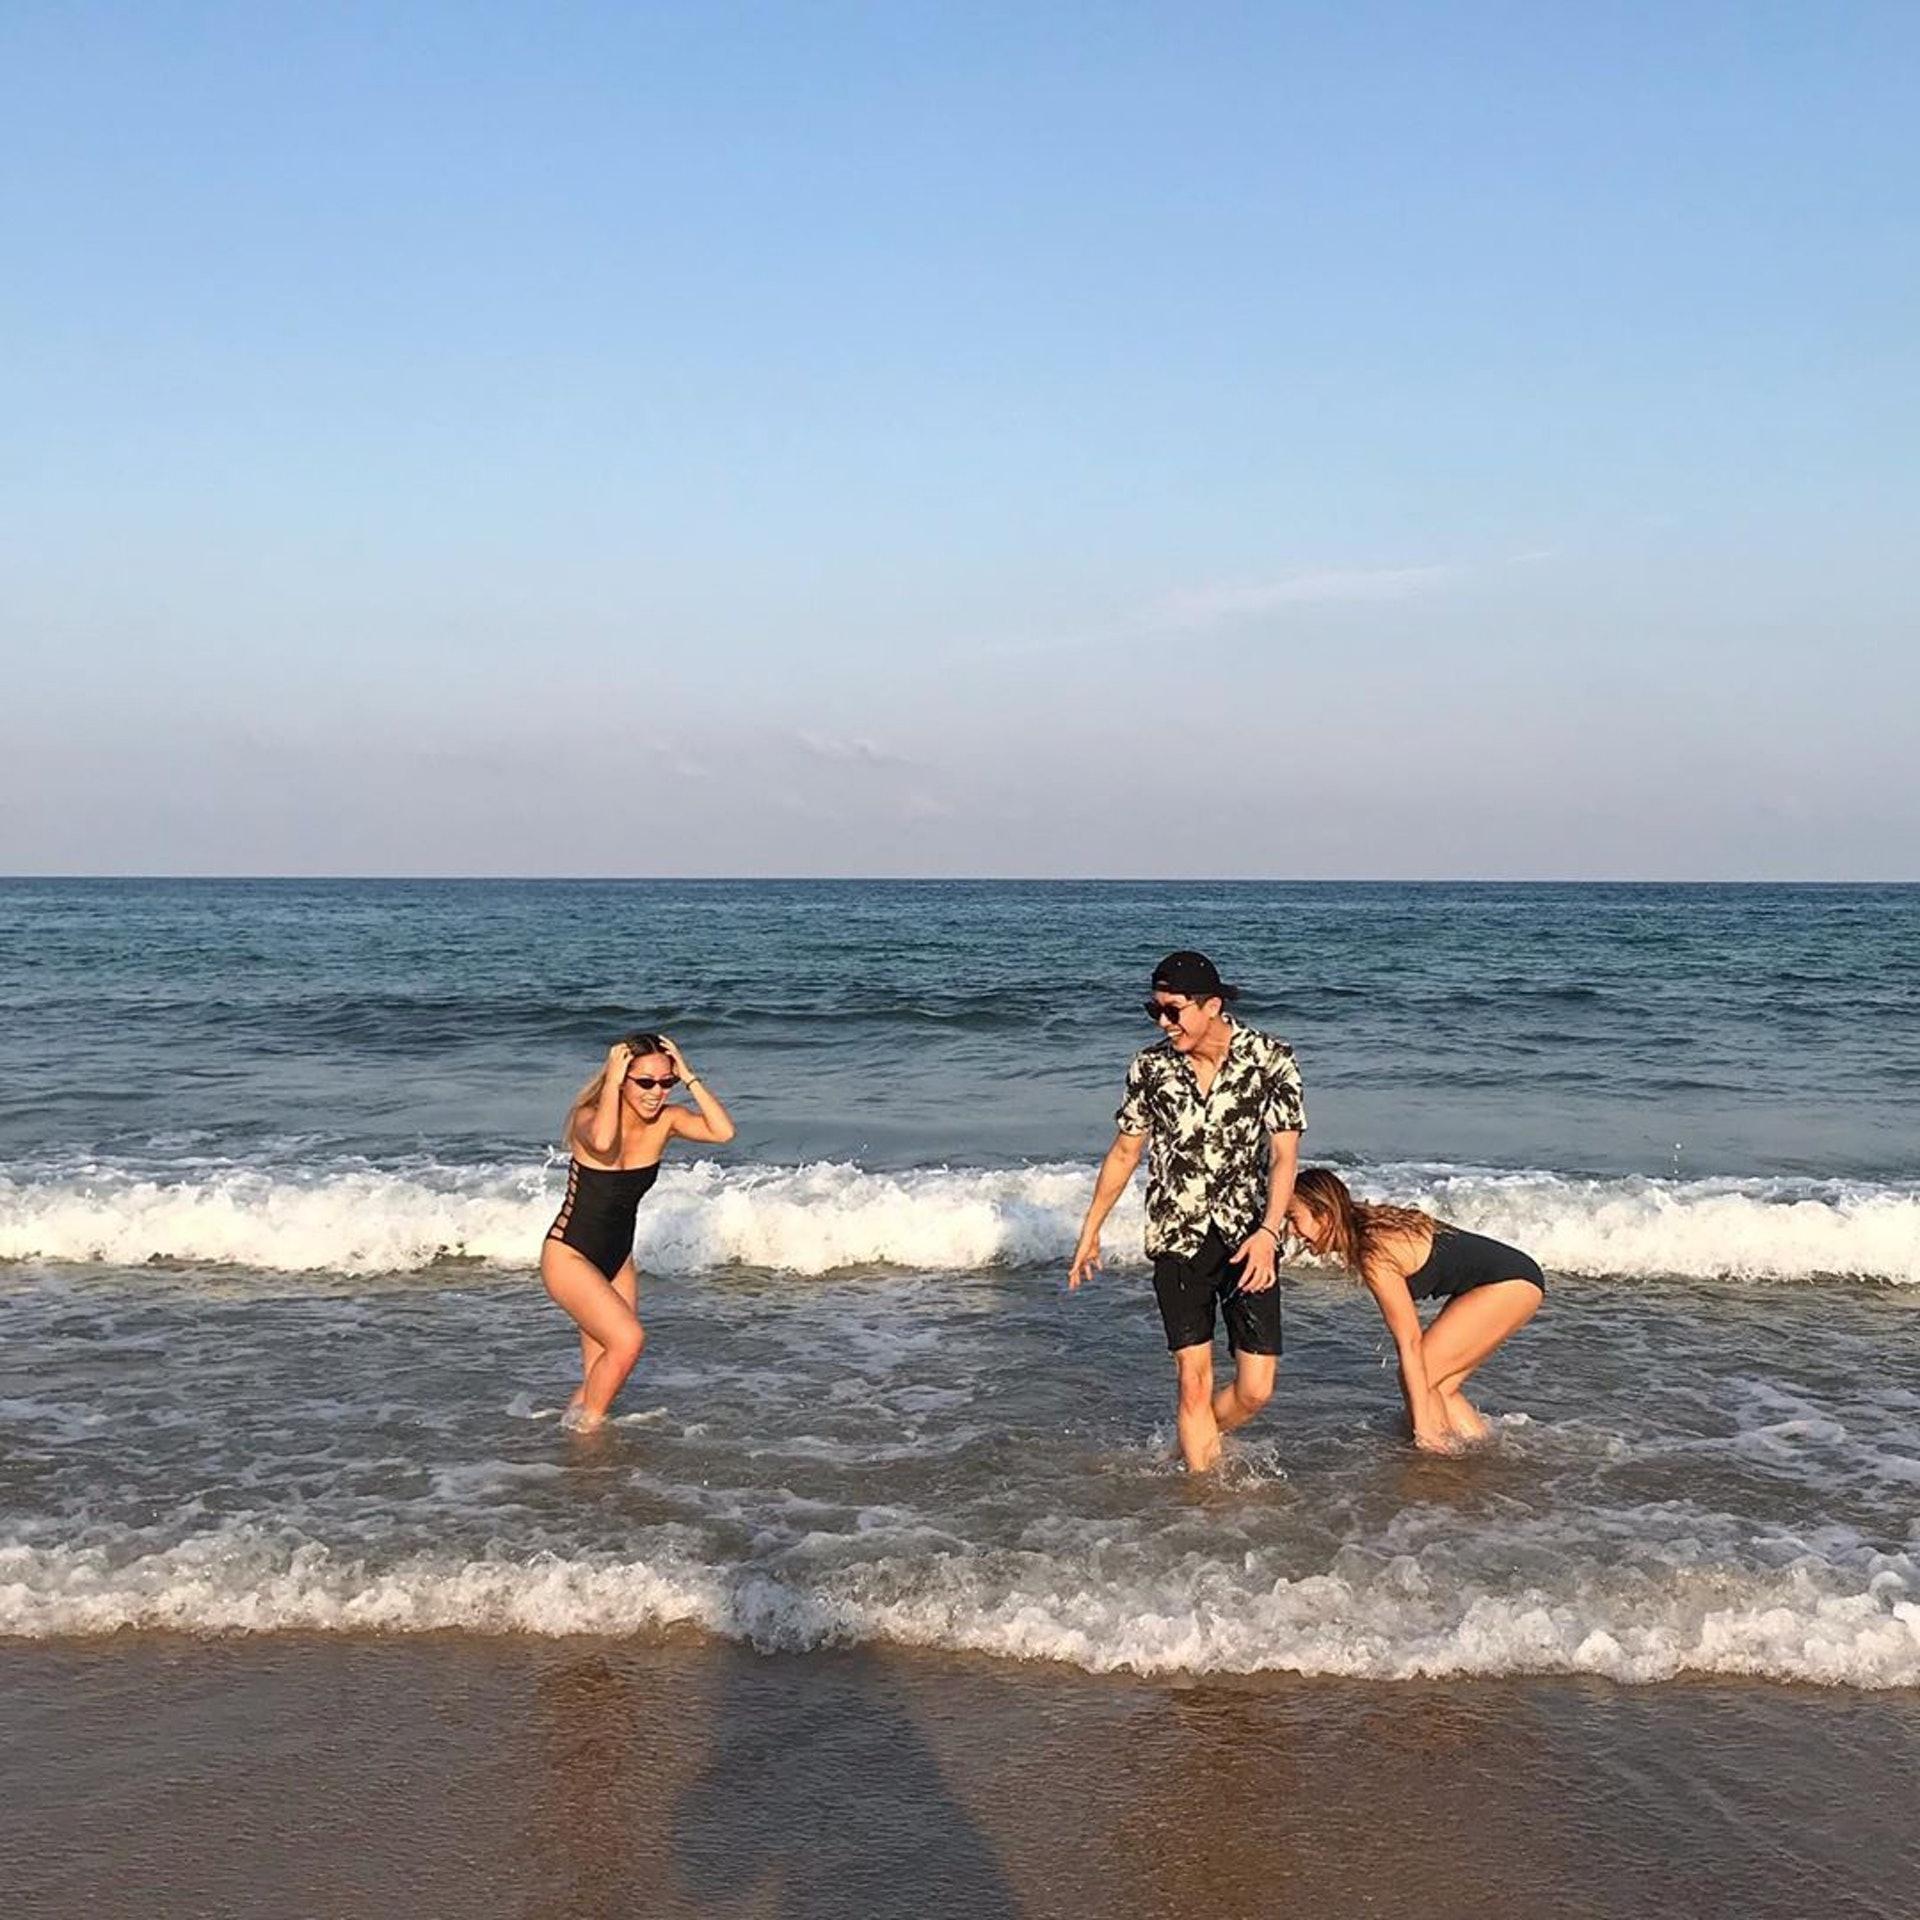 佢好鍾意喺沙灘打波。(ig@stephanie_cheng圖片)